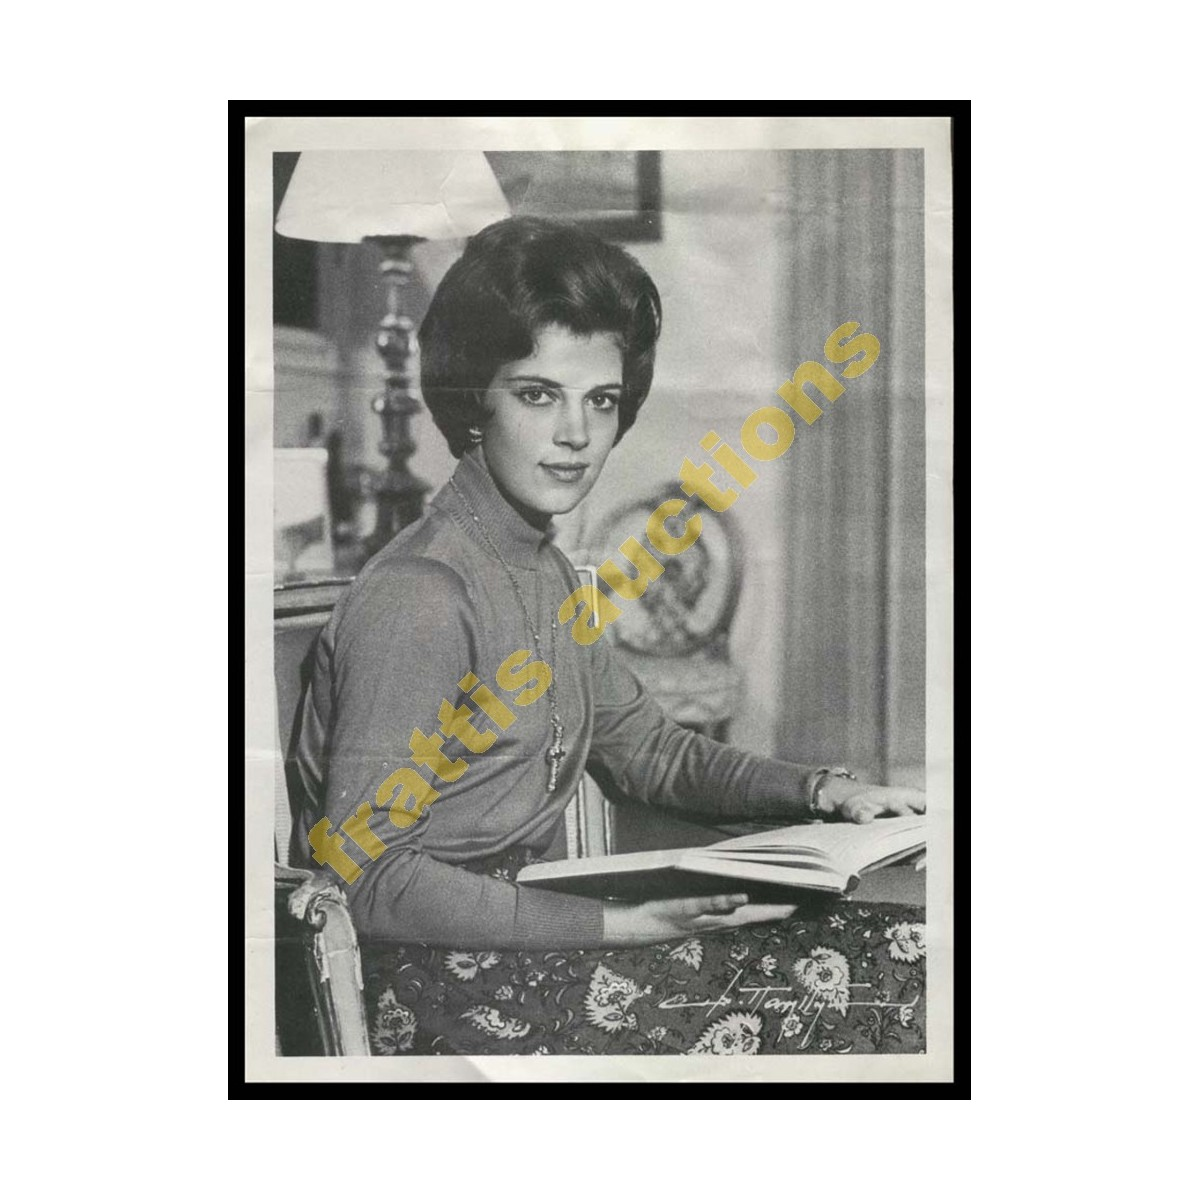 ΑΝΝΑ-ΜΑΡΙΑ μικρή χάρτινη αφίσα Δ. Πατρίδης.